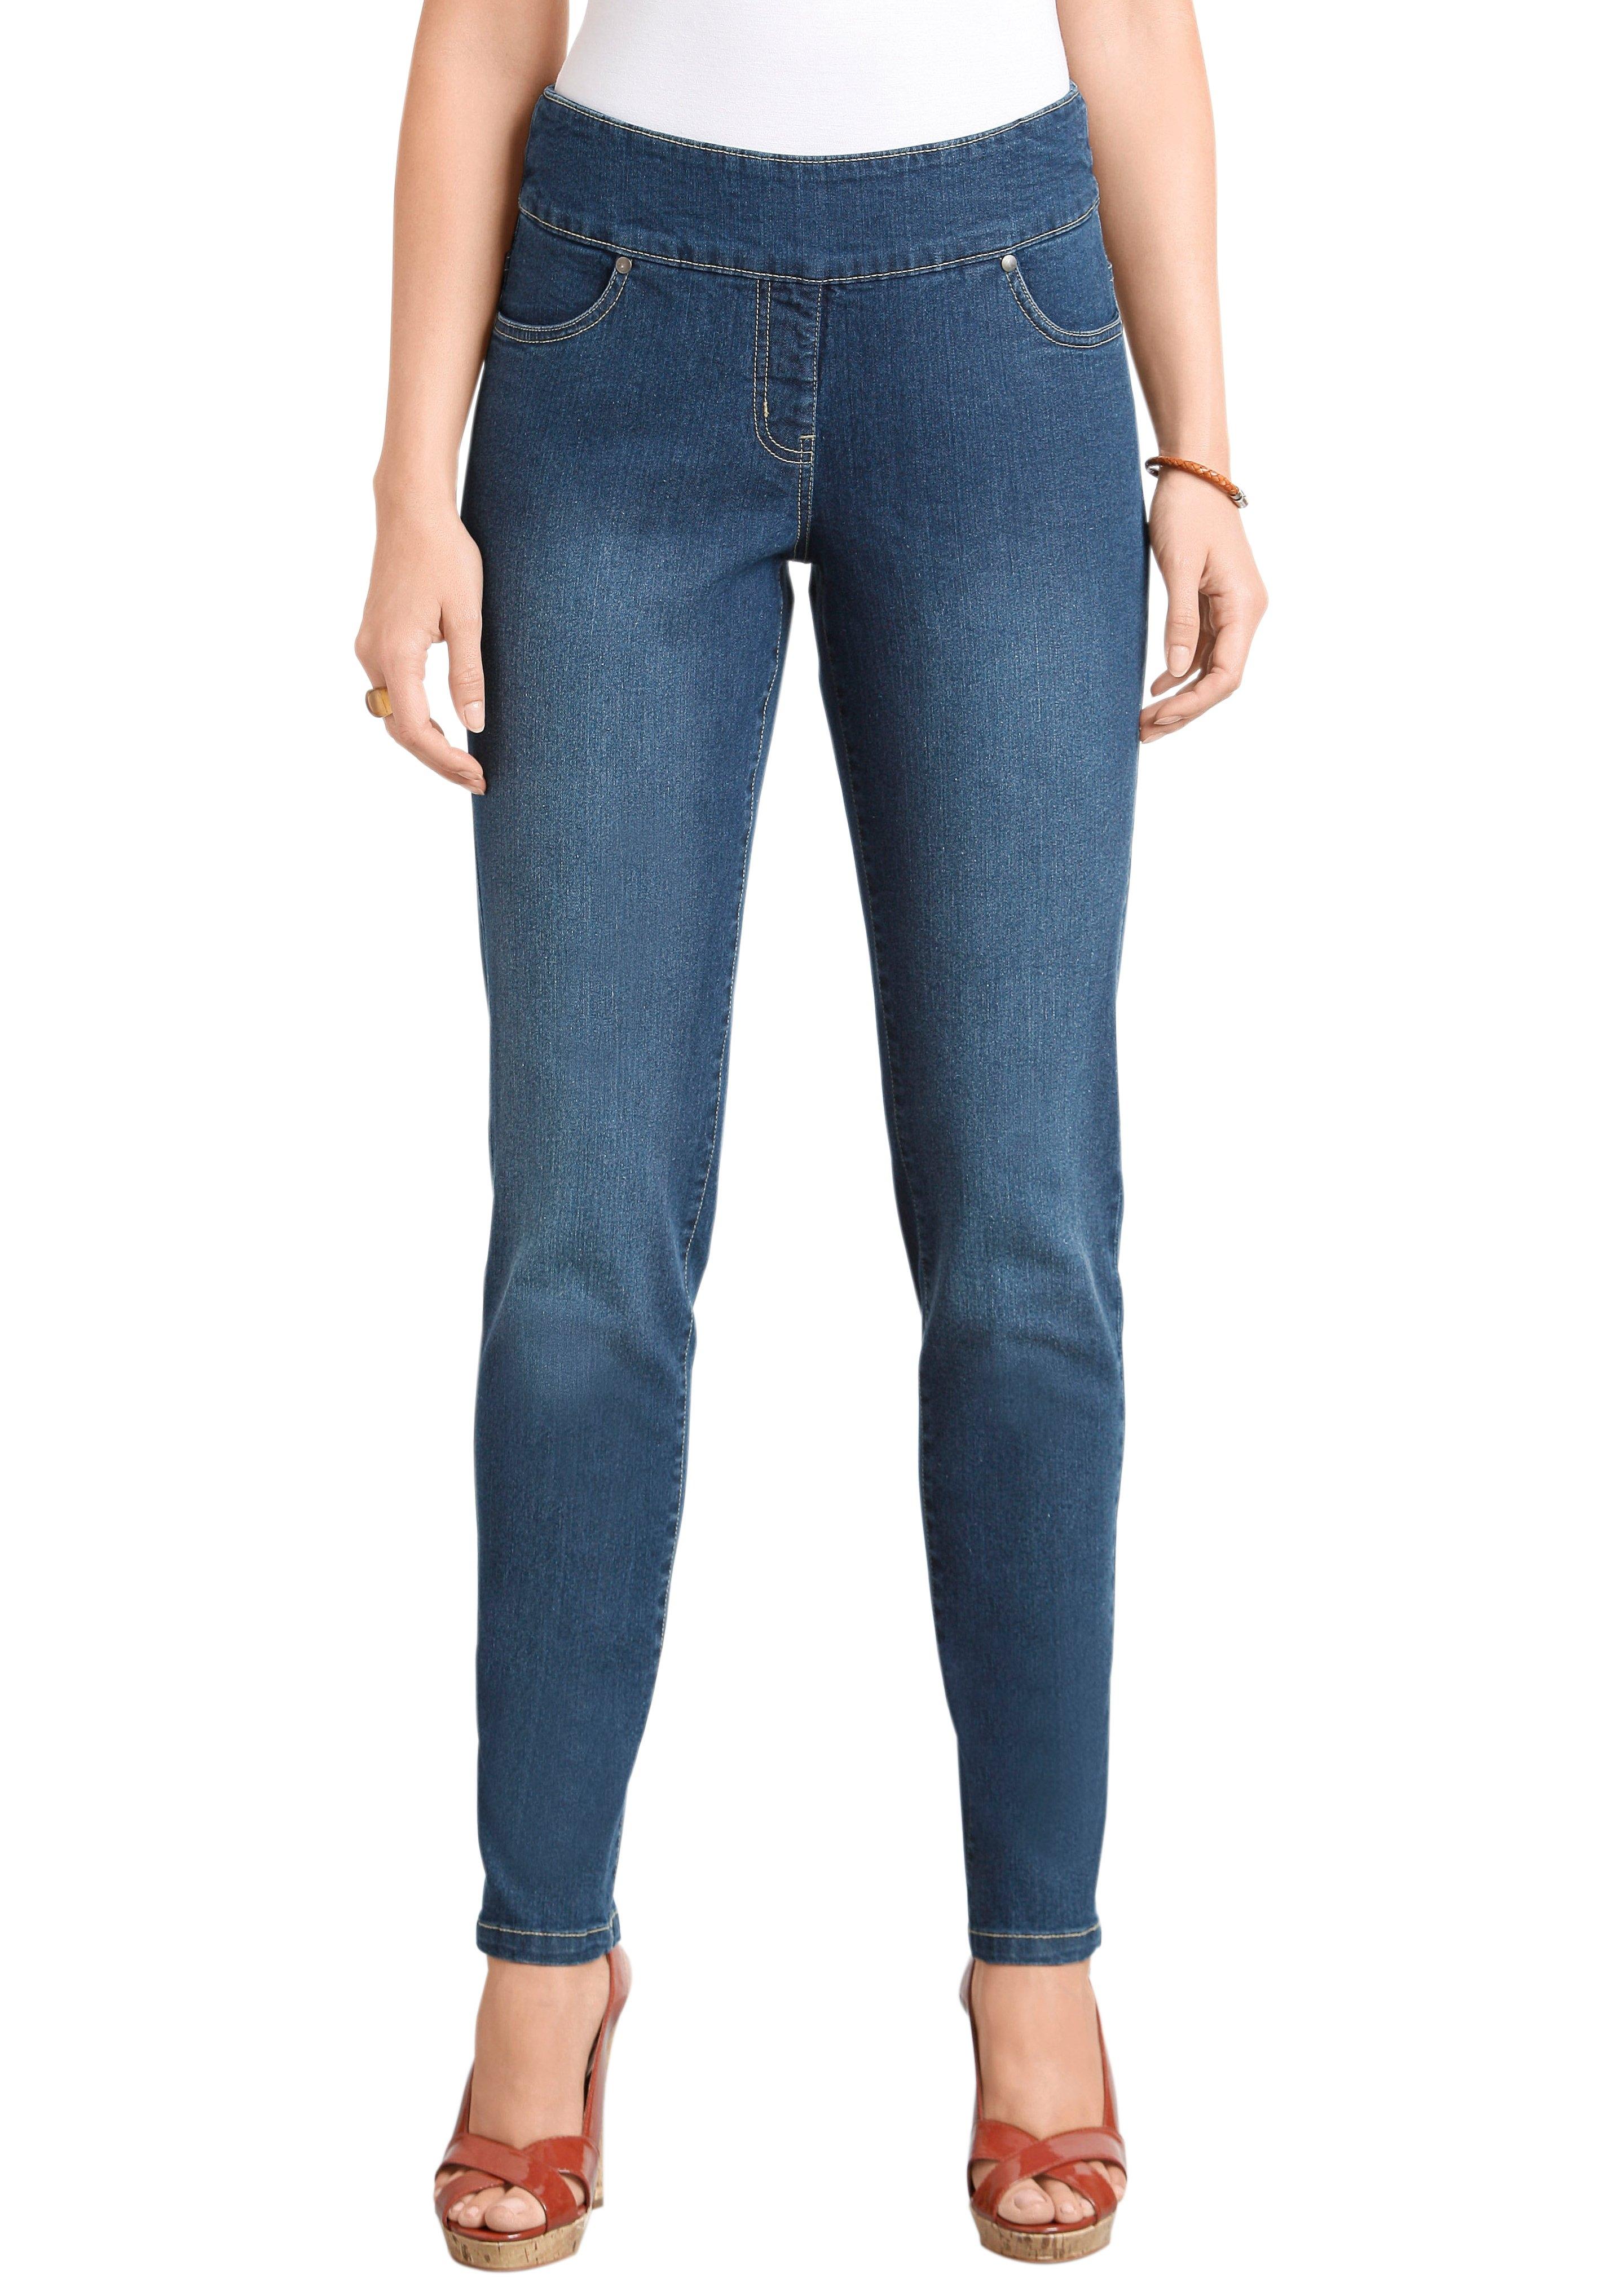 Kopen Jeans Online Kopen Online Online Jeans Jeans K1l3TFcJ